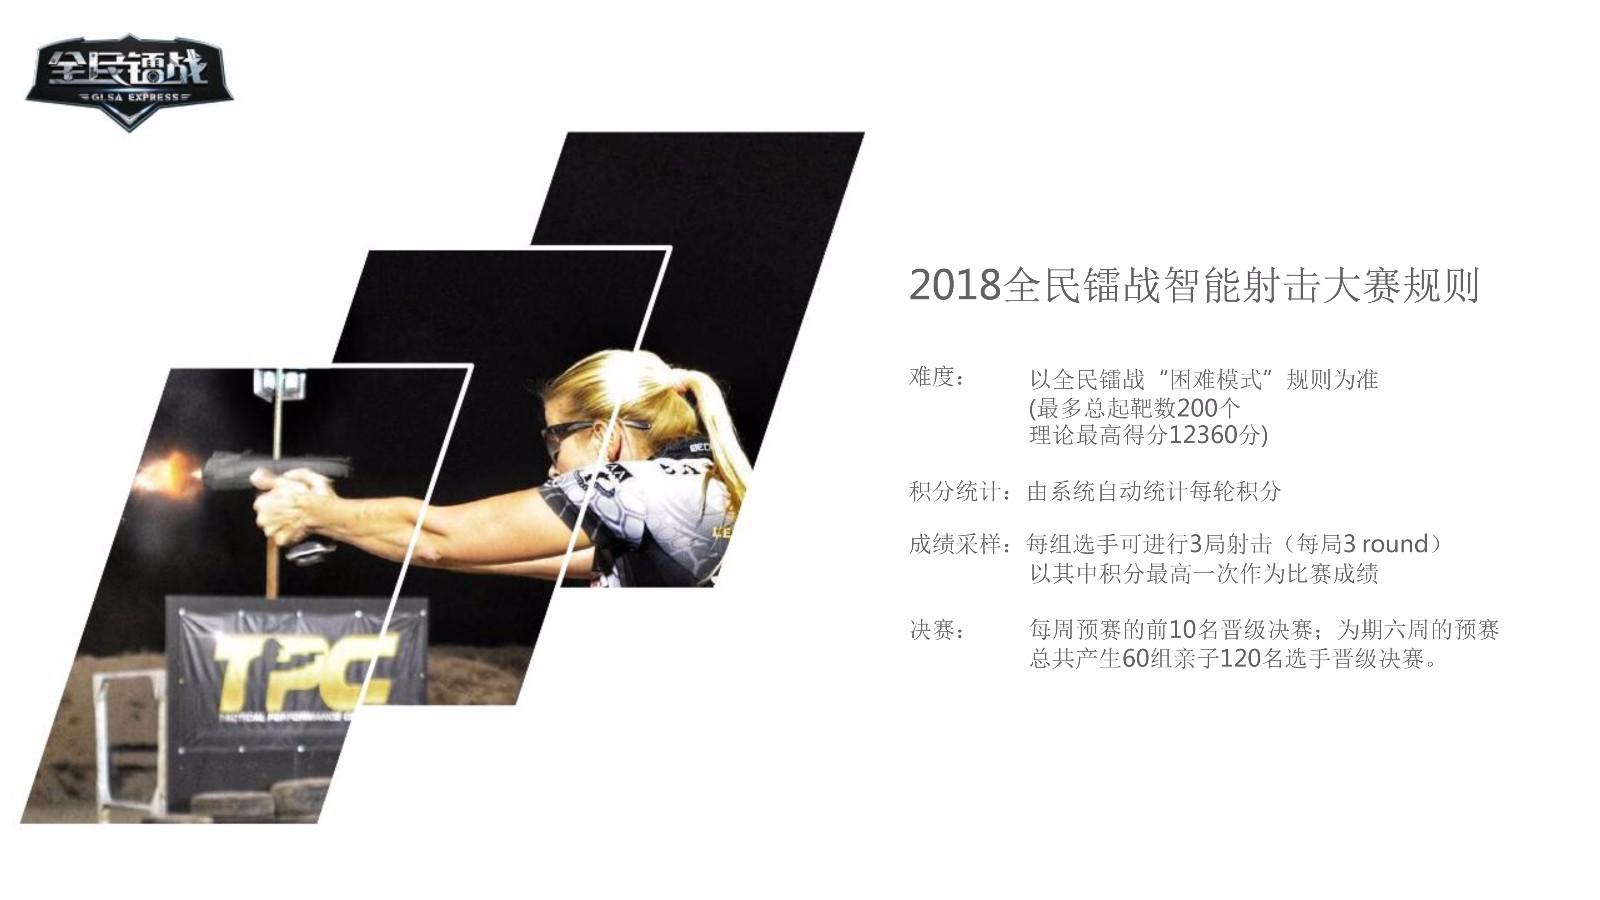 全民镭战射击大赛2018-亲子赛(2)-5.jpg